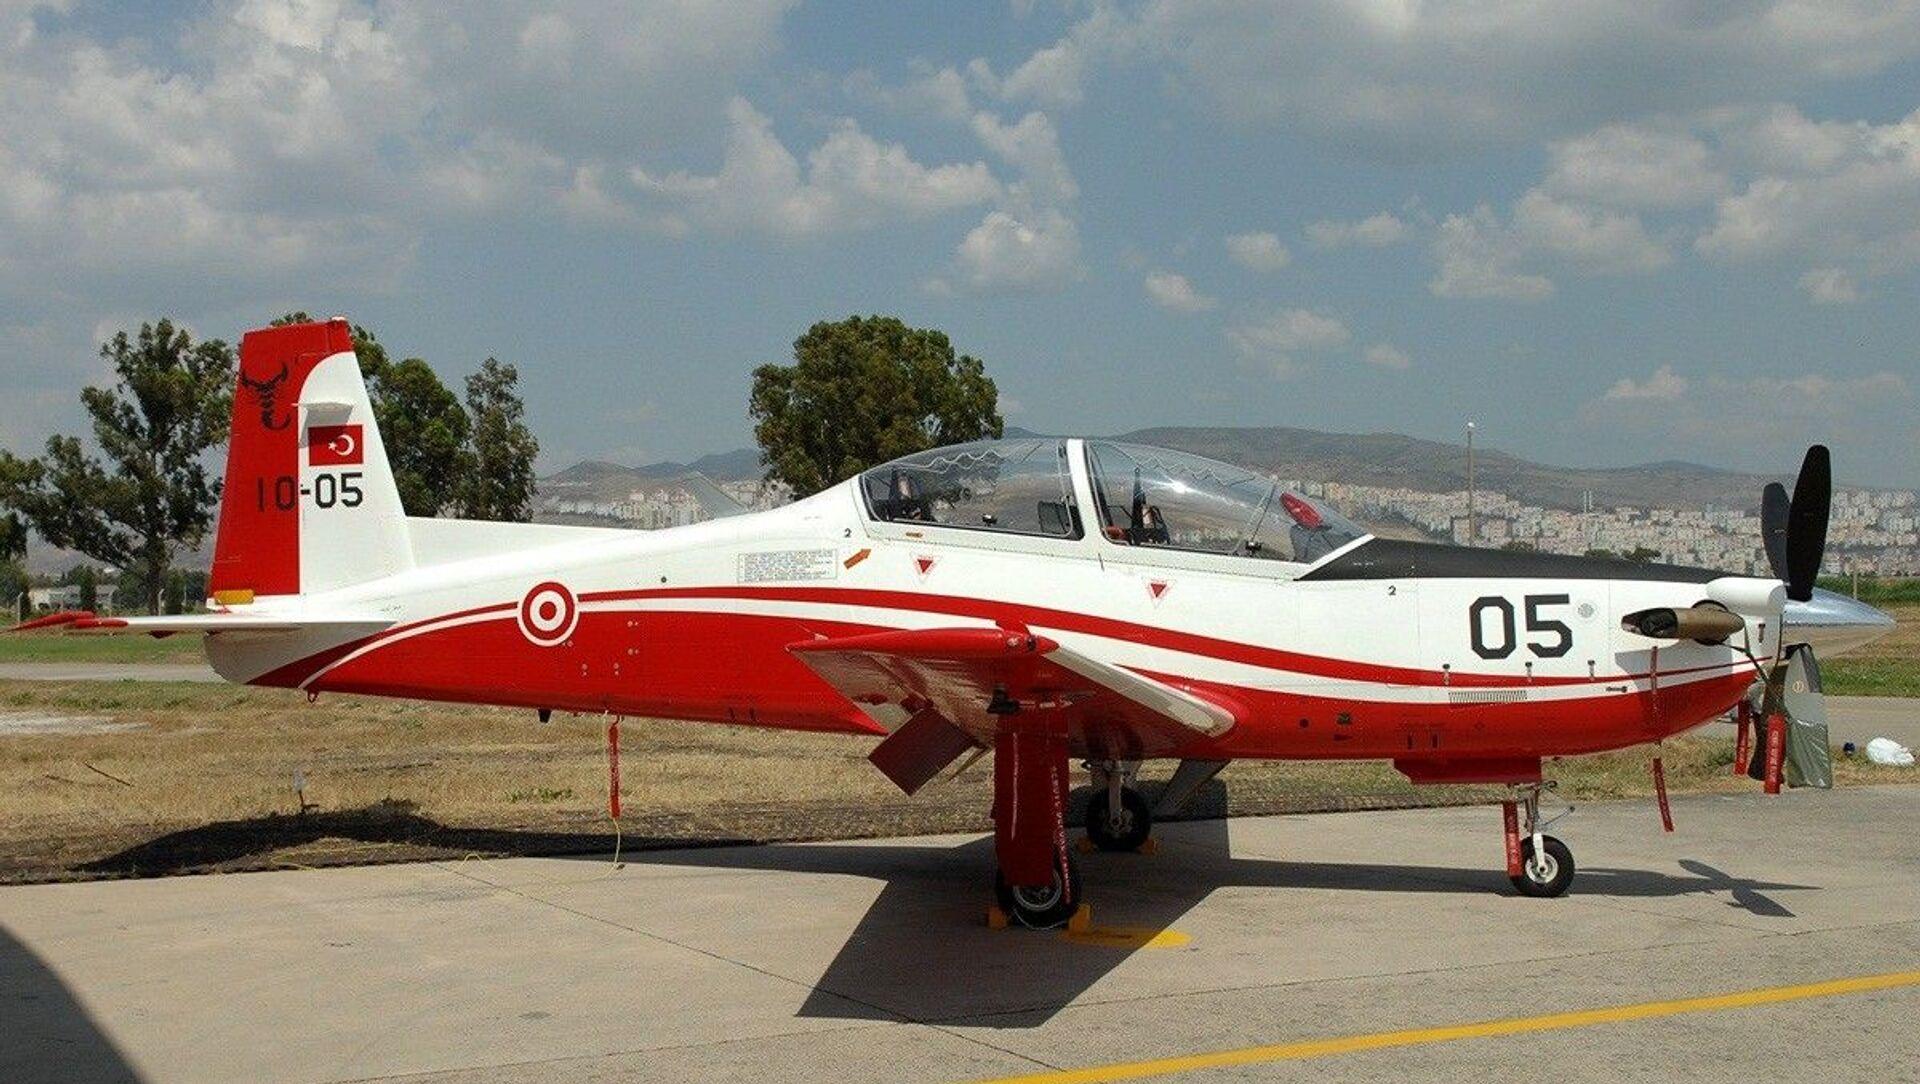 Máy bay huấn luyện quân sự KT-1T của Không quân Thổ Nhĩ Kỳ - Sputnik Việt Nam, 1920, 09.04.2021